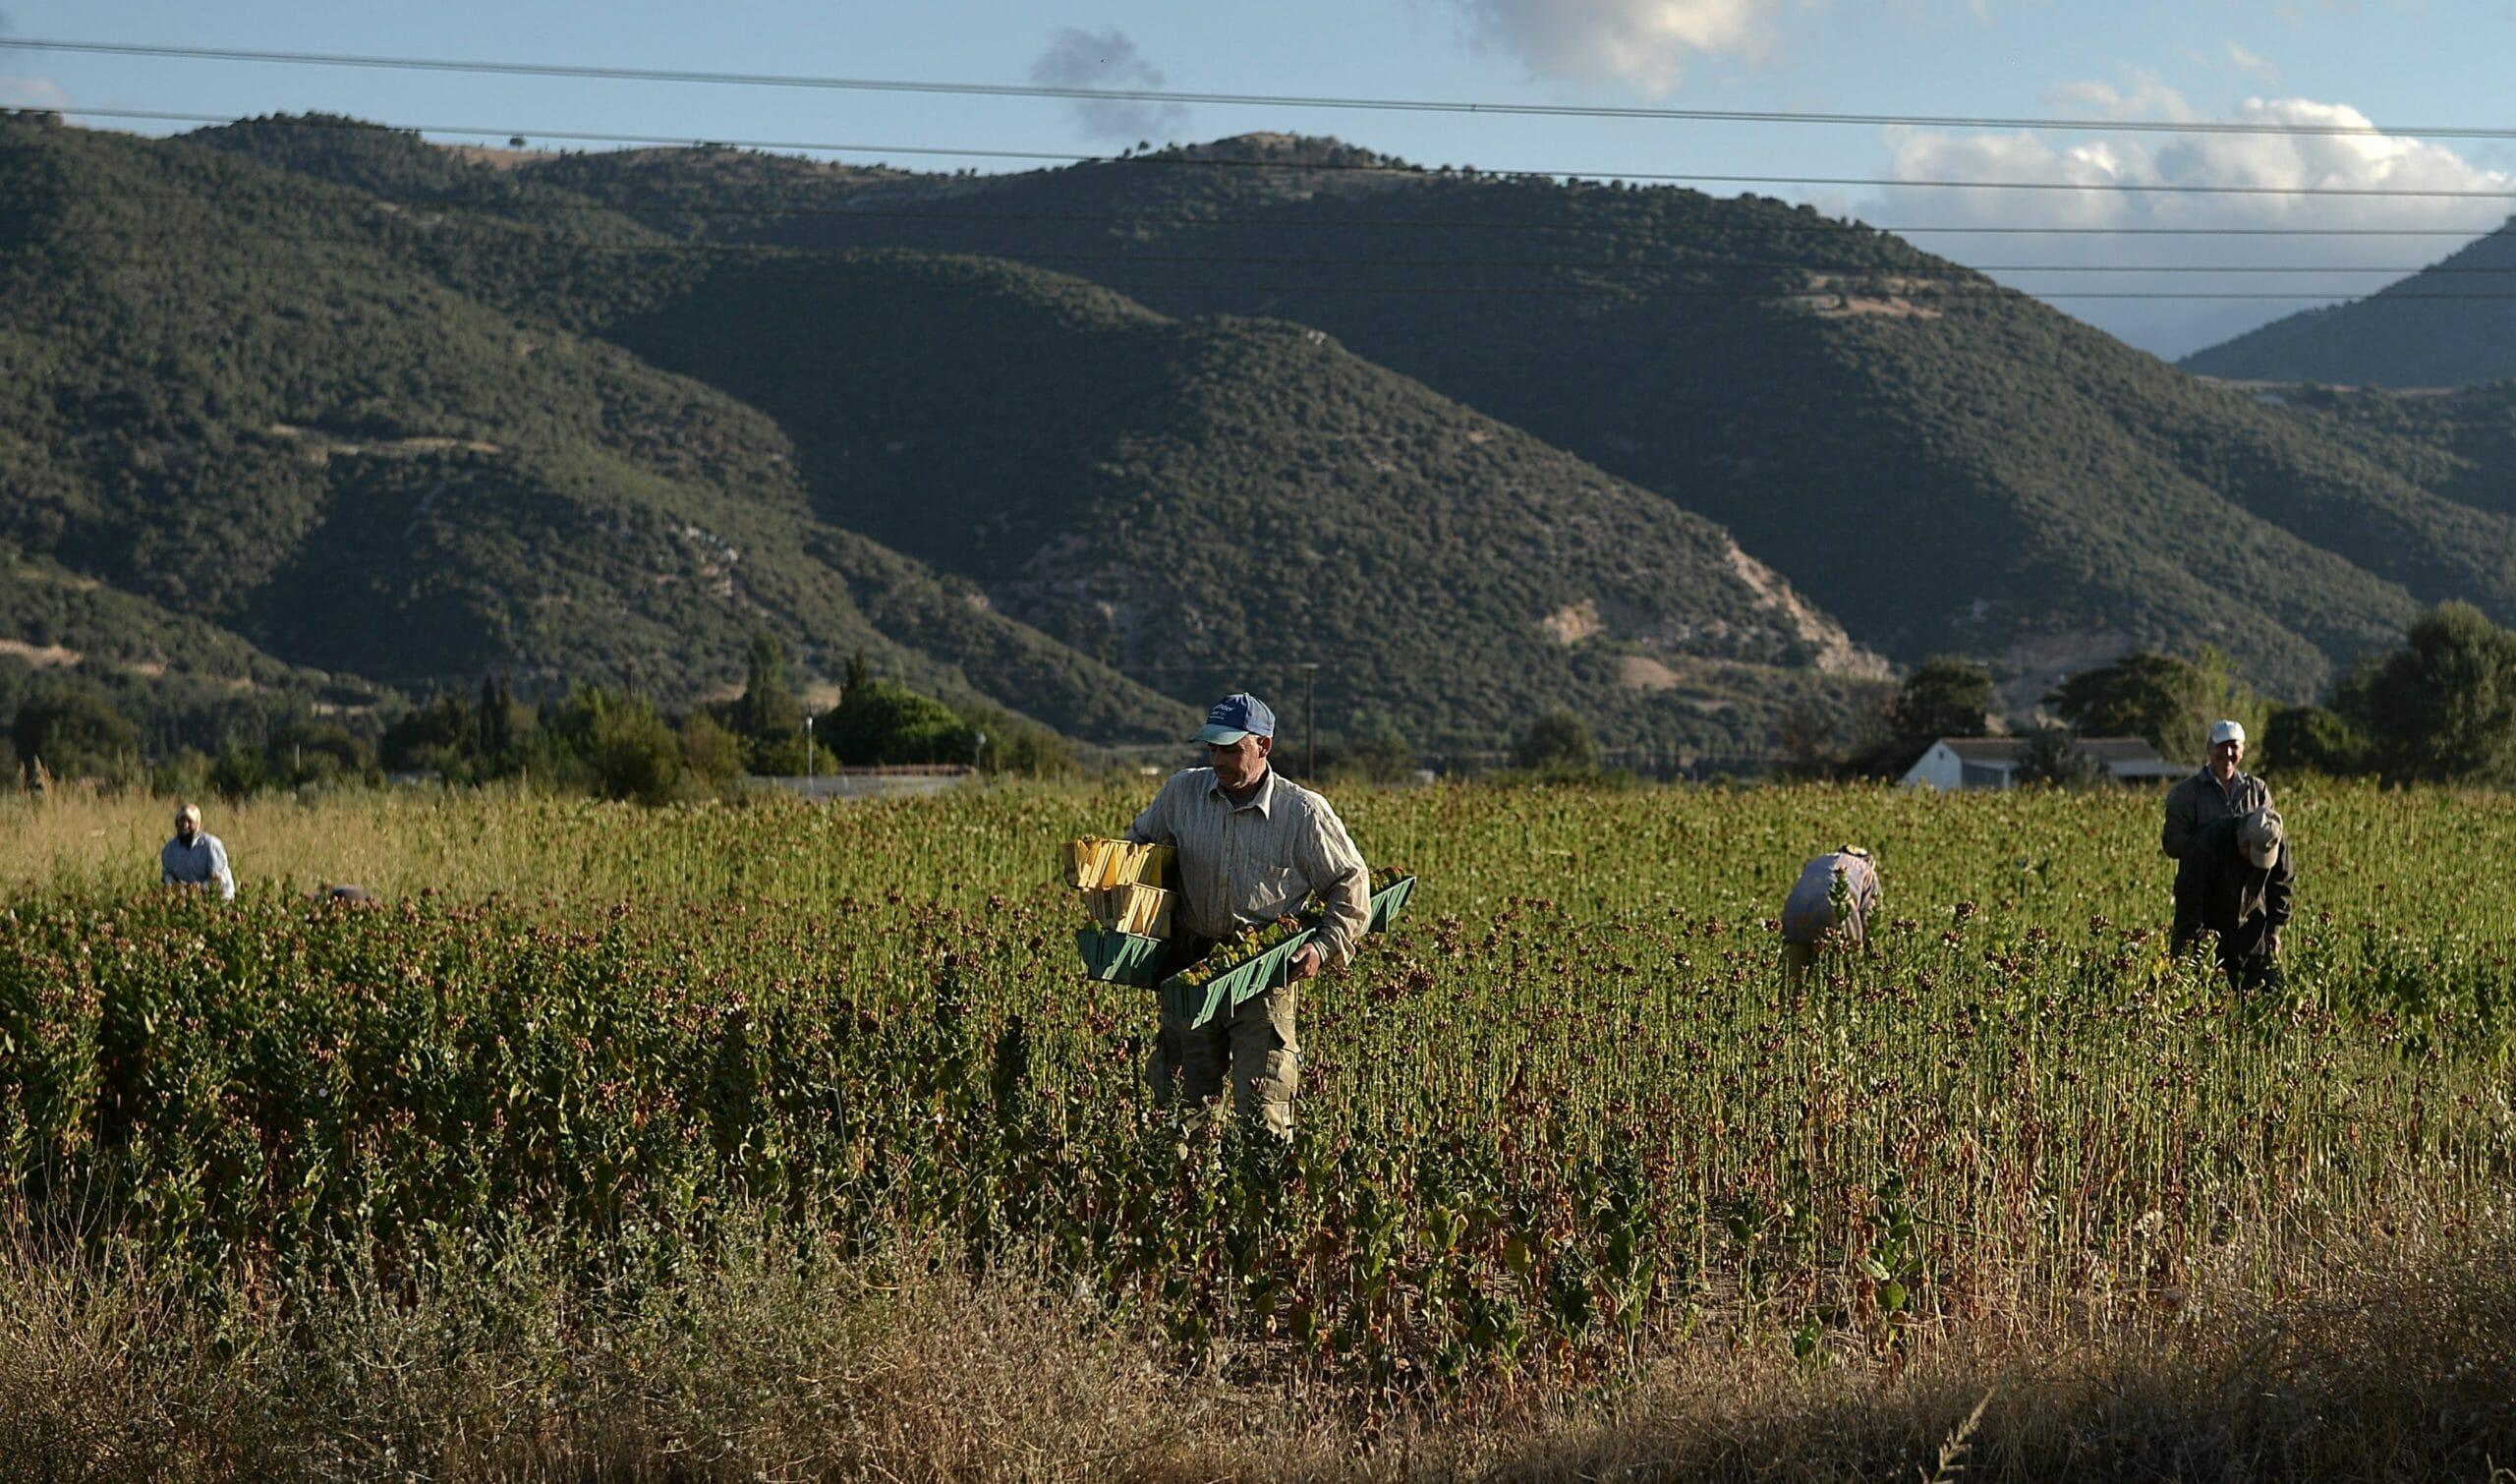 Φλώρινα: Ανοίγει ο σταθμός της Κρυσταλλοπηγής για τους αλλοδαπούς εργάτες γης